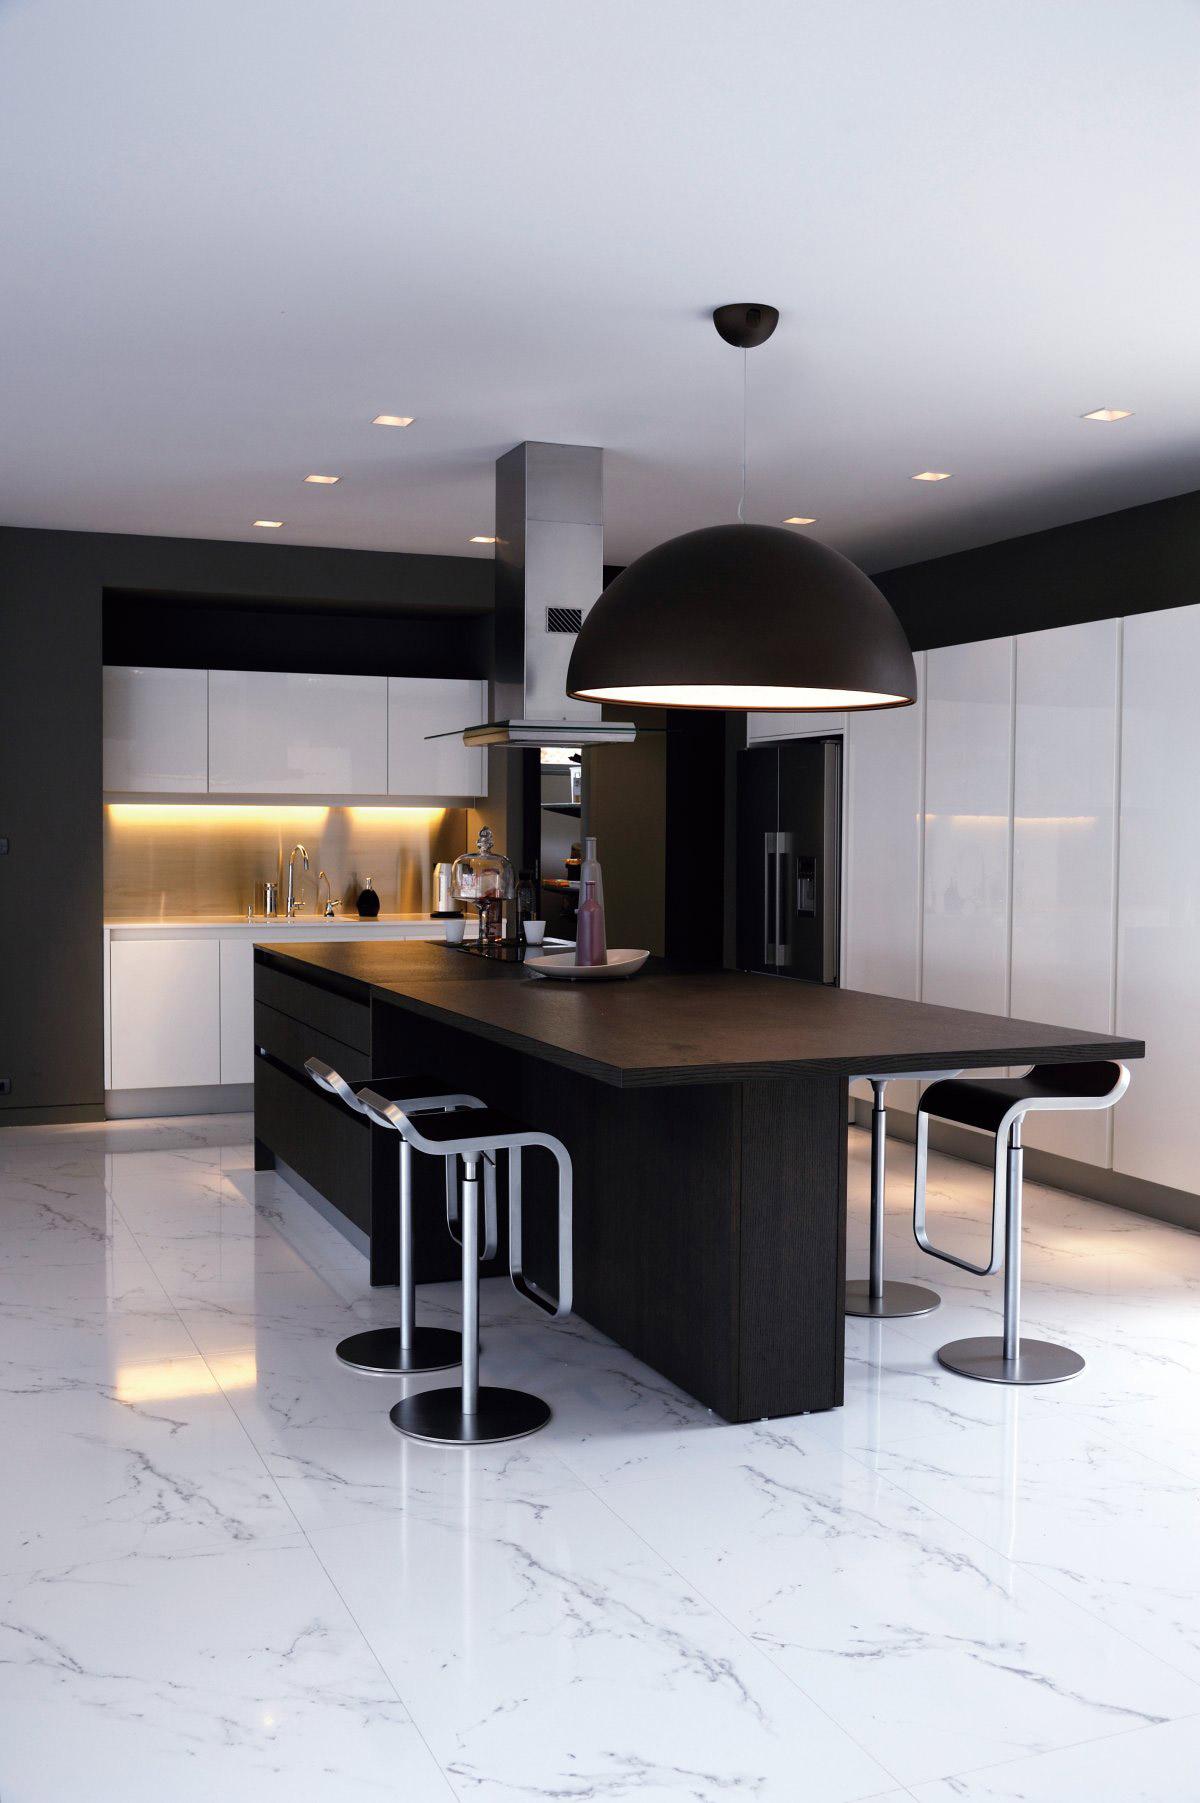 Black & White Kitchen, Island, Breakfast Table, Baan Citta